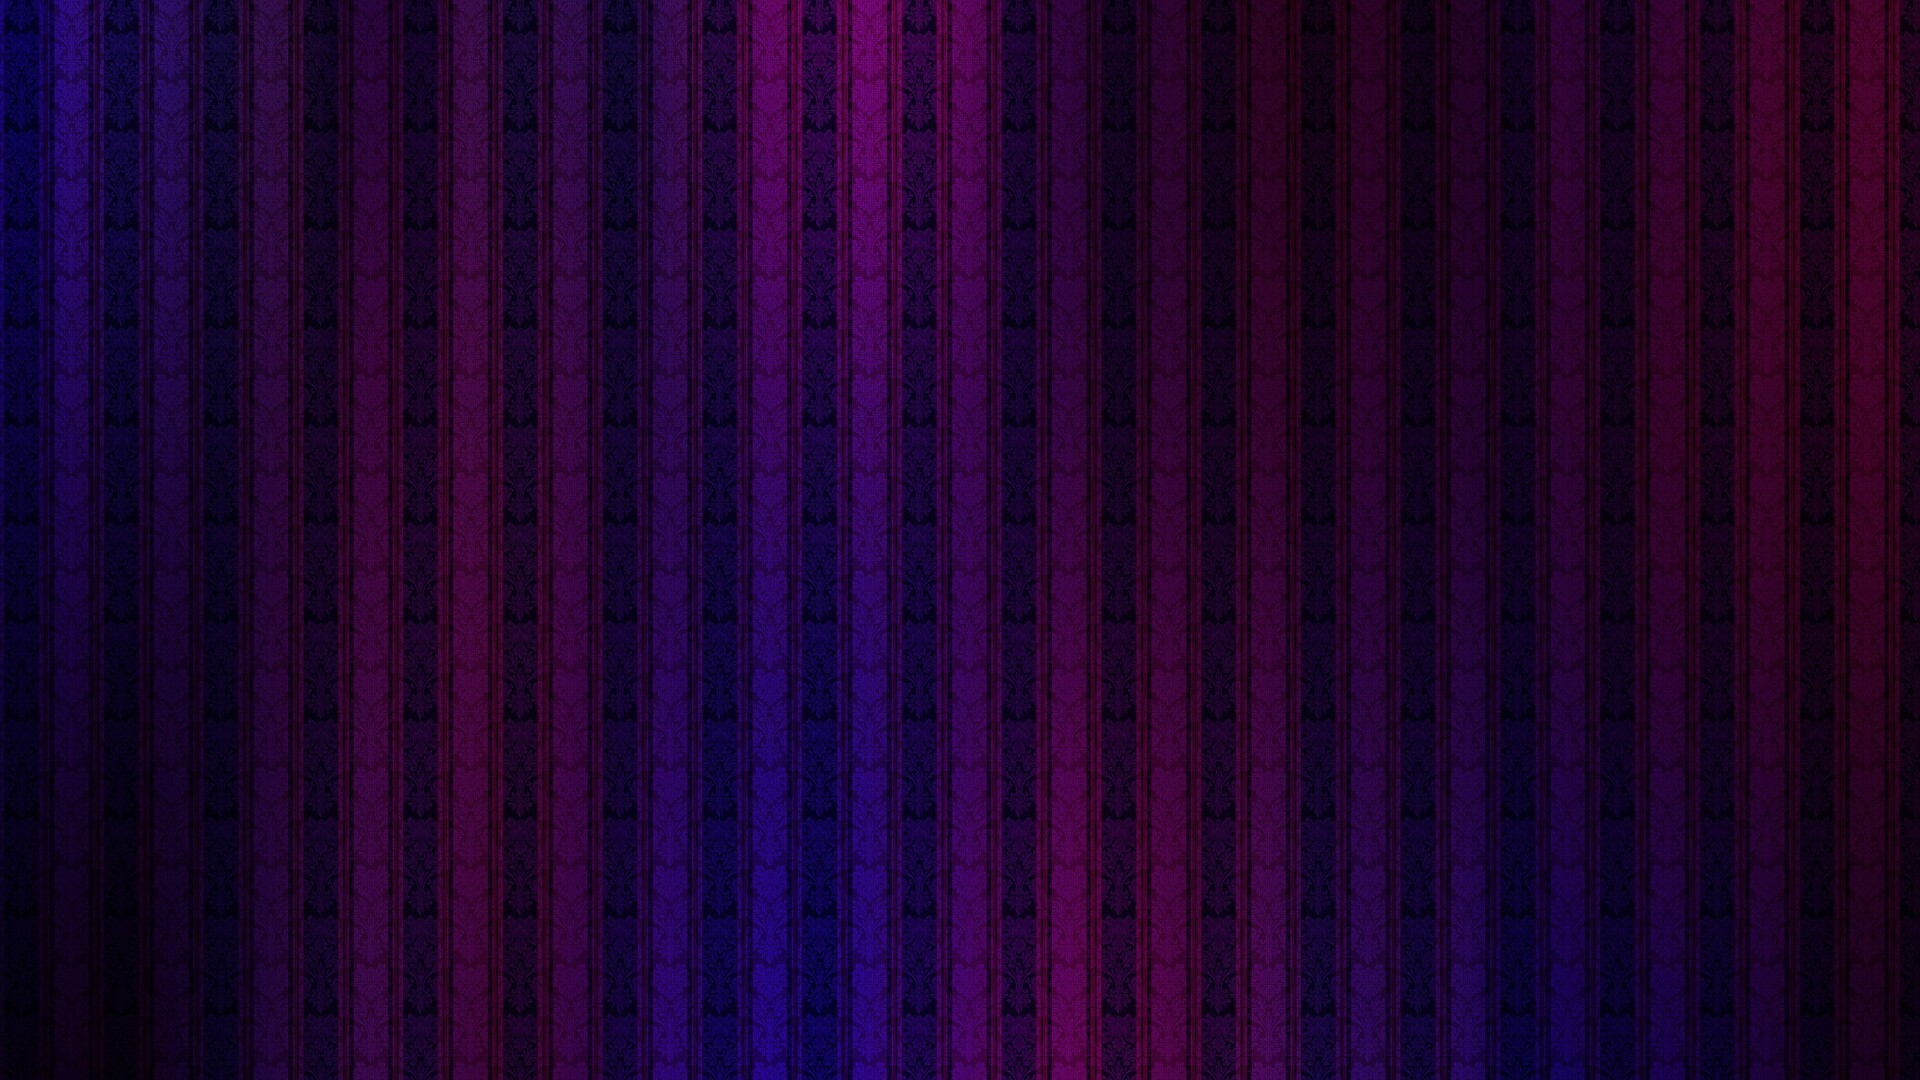 1920x1080 Pattern Of Lines Laptop Full HD 1080P HD 4k